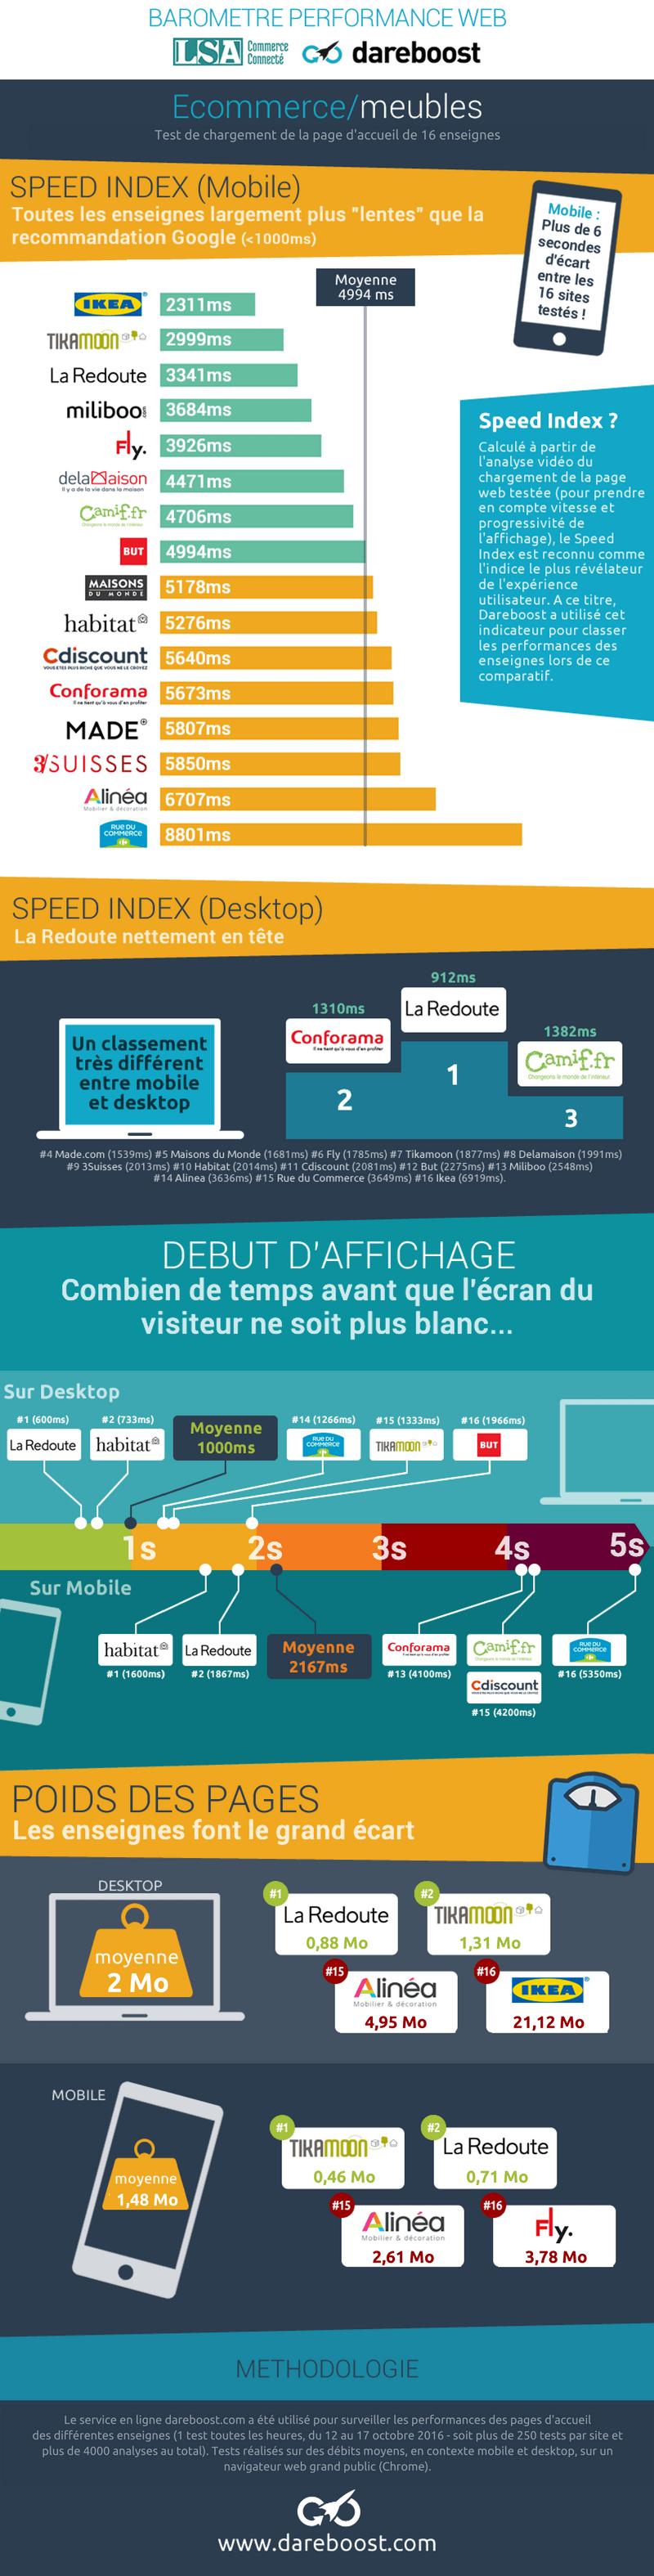 Baromètre performance web e-commerce meubles LSA/Dareboost